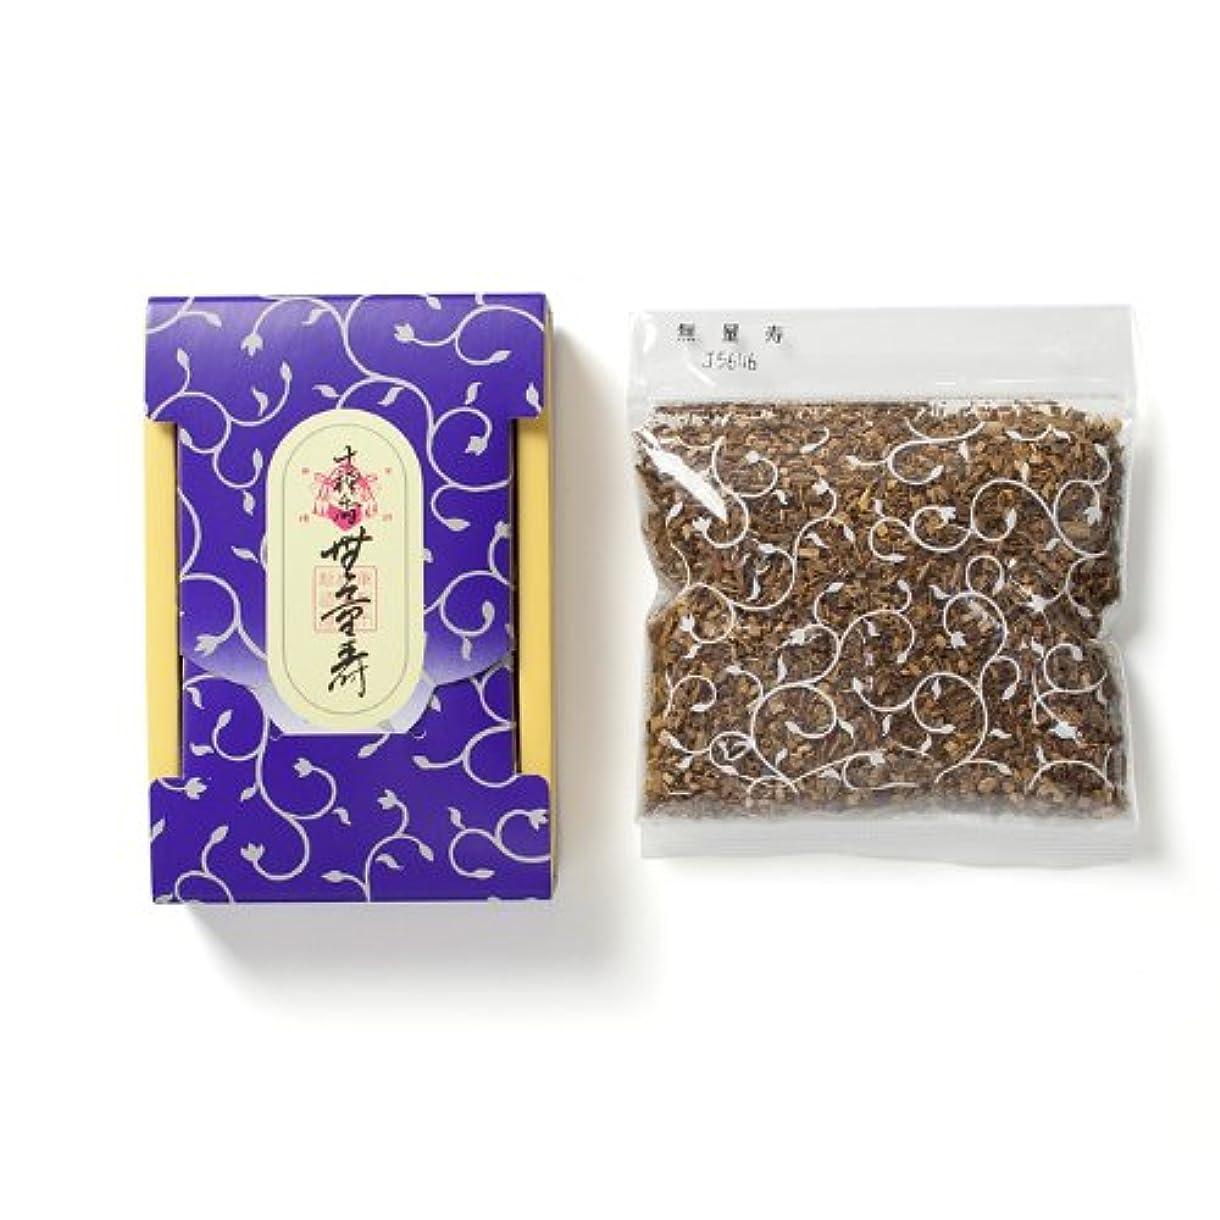 探偵蒸気漏れ松栄堂のお焼香 十種香 無量寿 25g詰 小箱入 #410841